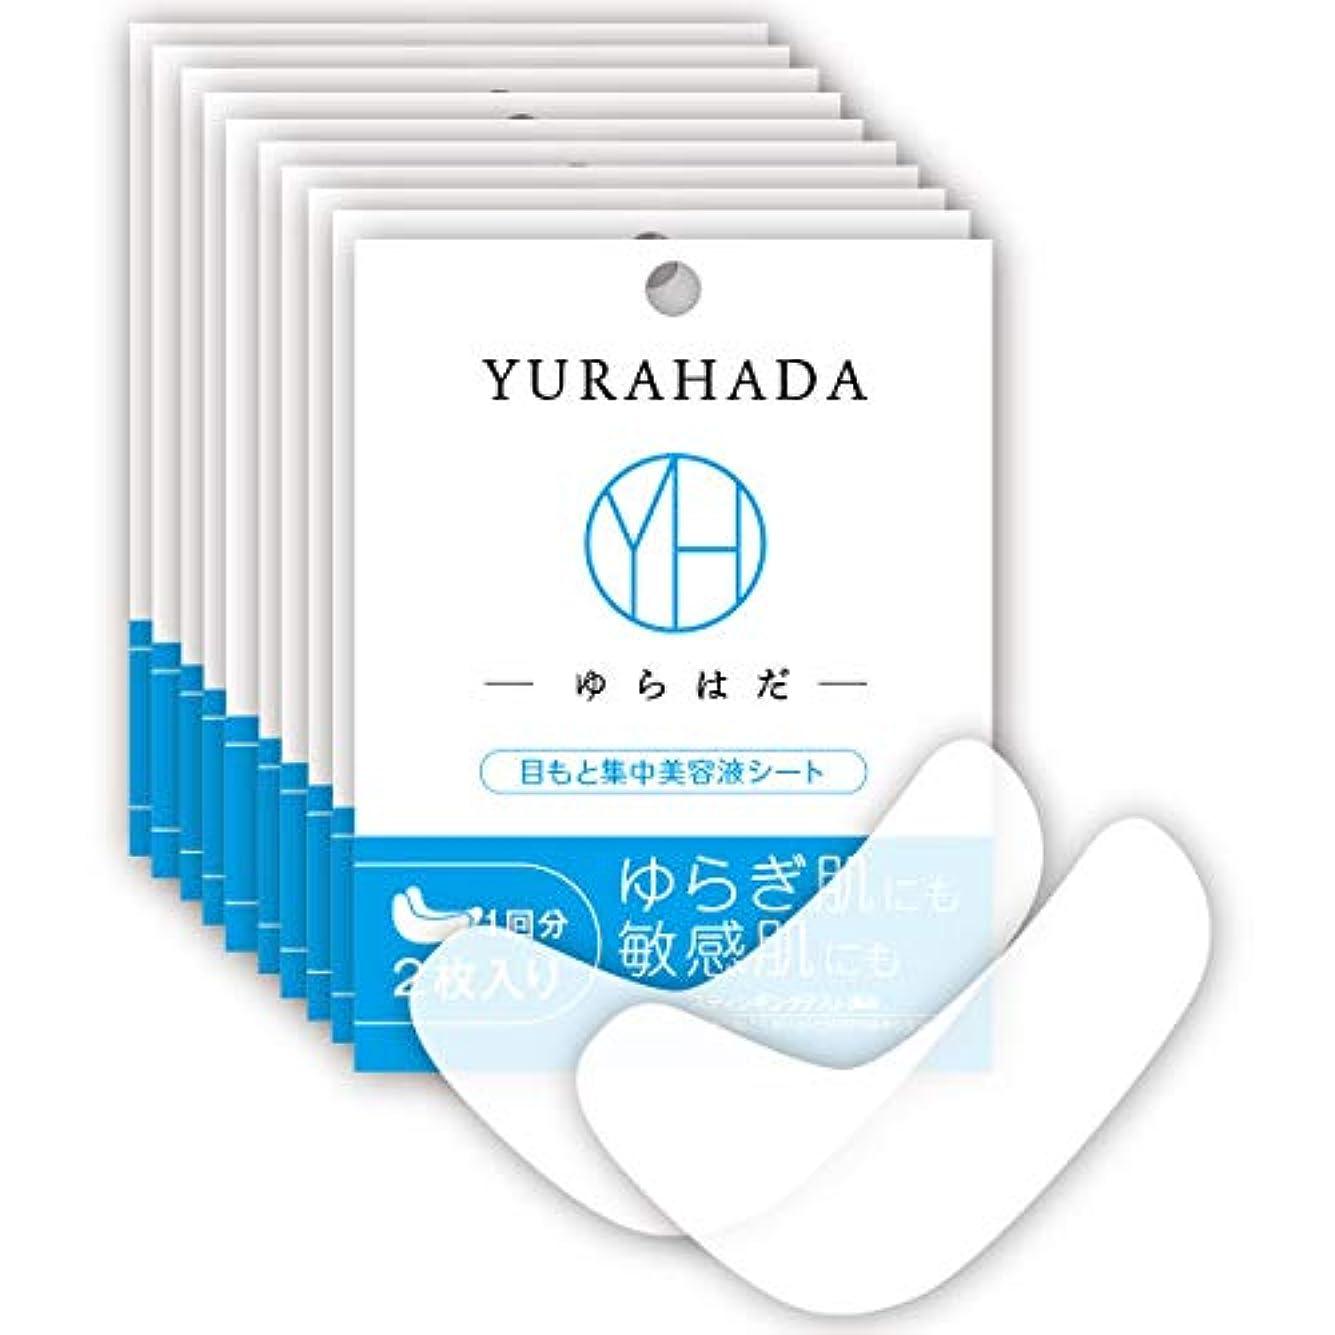 劇的解く優先権YURAHADA目もと集中美容液シート(2枚入)10回セット